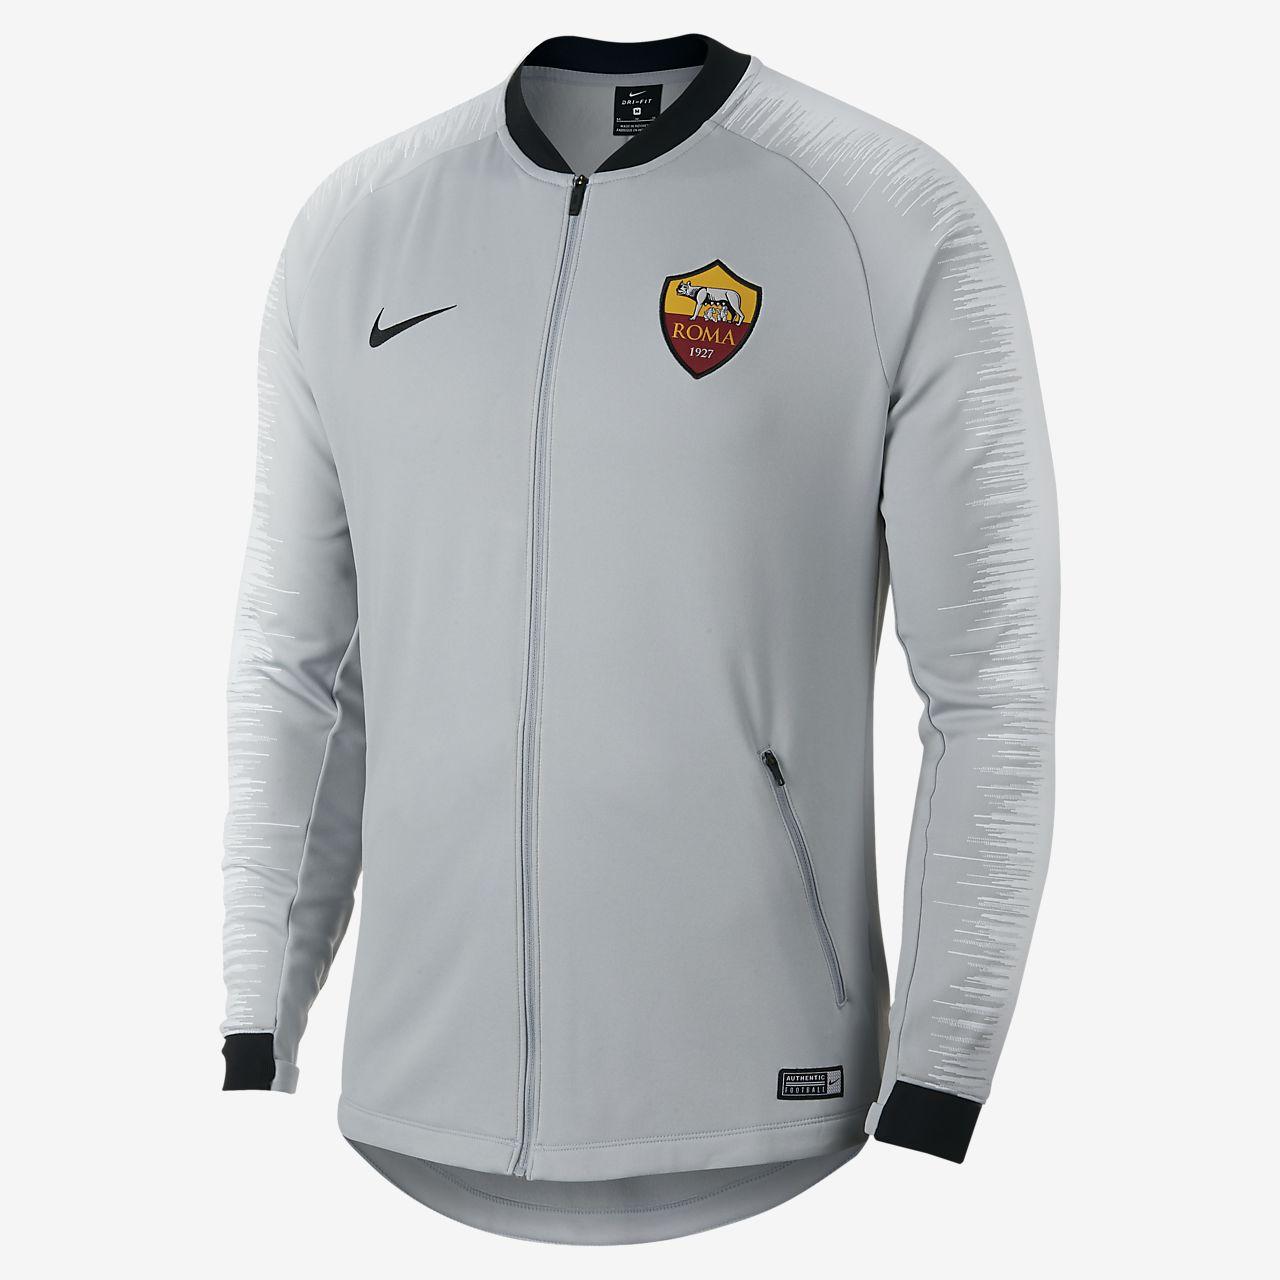 255534562aed6 A.S. Roma Anthem Chaqueta de fútbol - Hombre. Nike.com ES